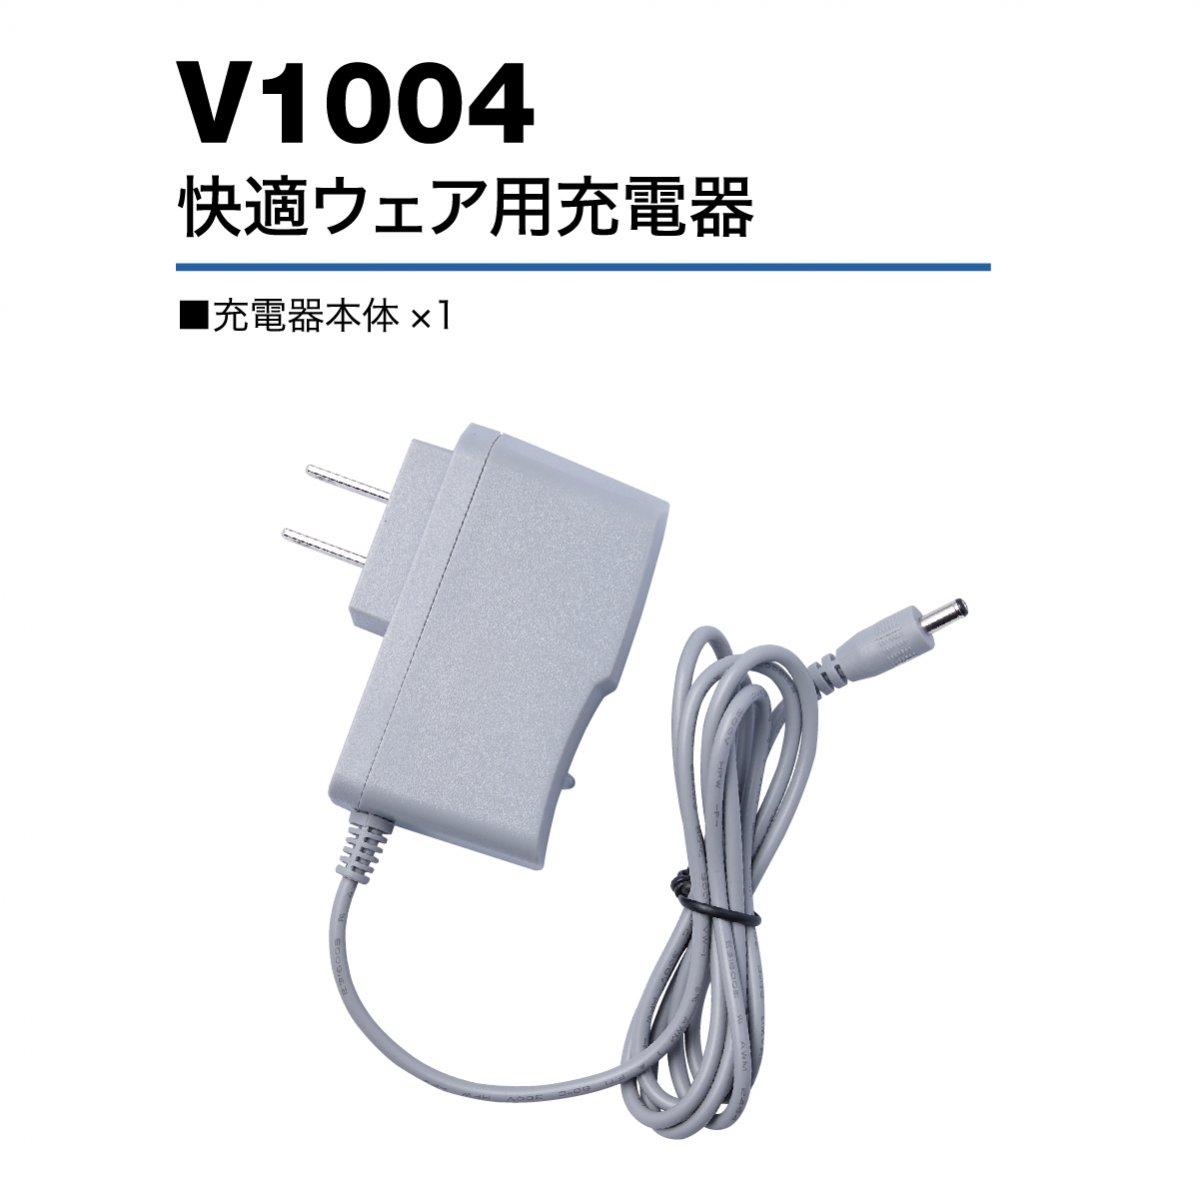 快適ウェア用バッテリー(大容量6700mAh)・快適ウェア用充電器 【画像6】